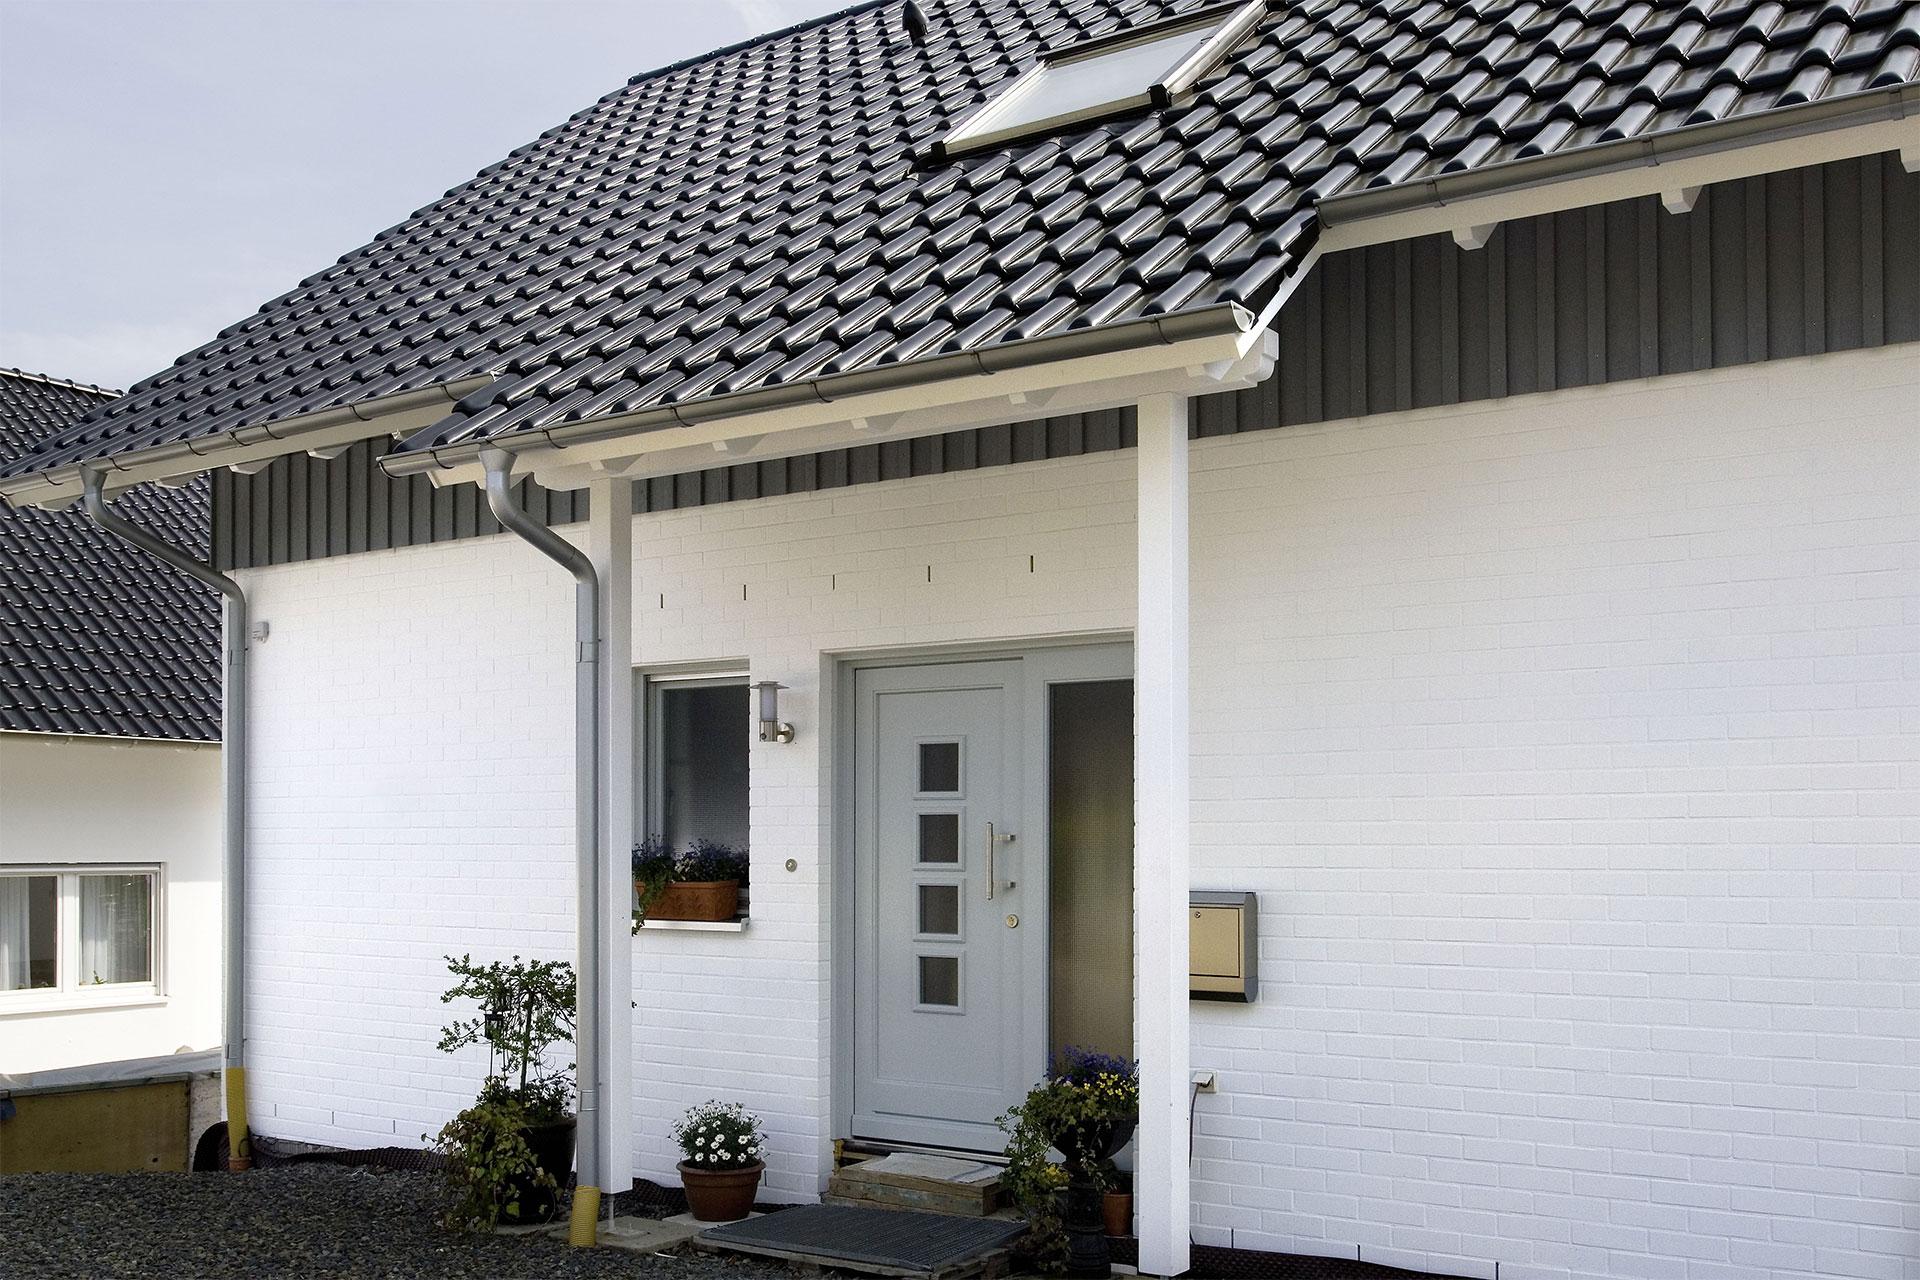 Einfamilienhaus - Lindenstraße - Ein Fertighaus von GUSSEK HAUS